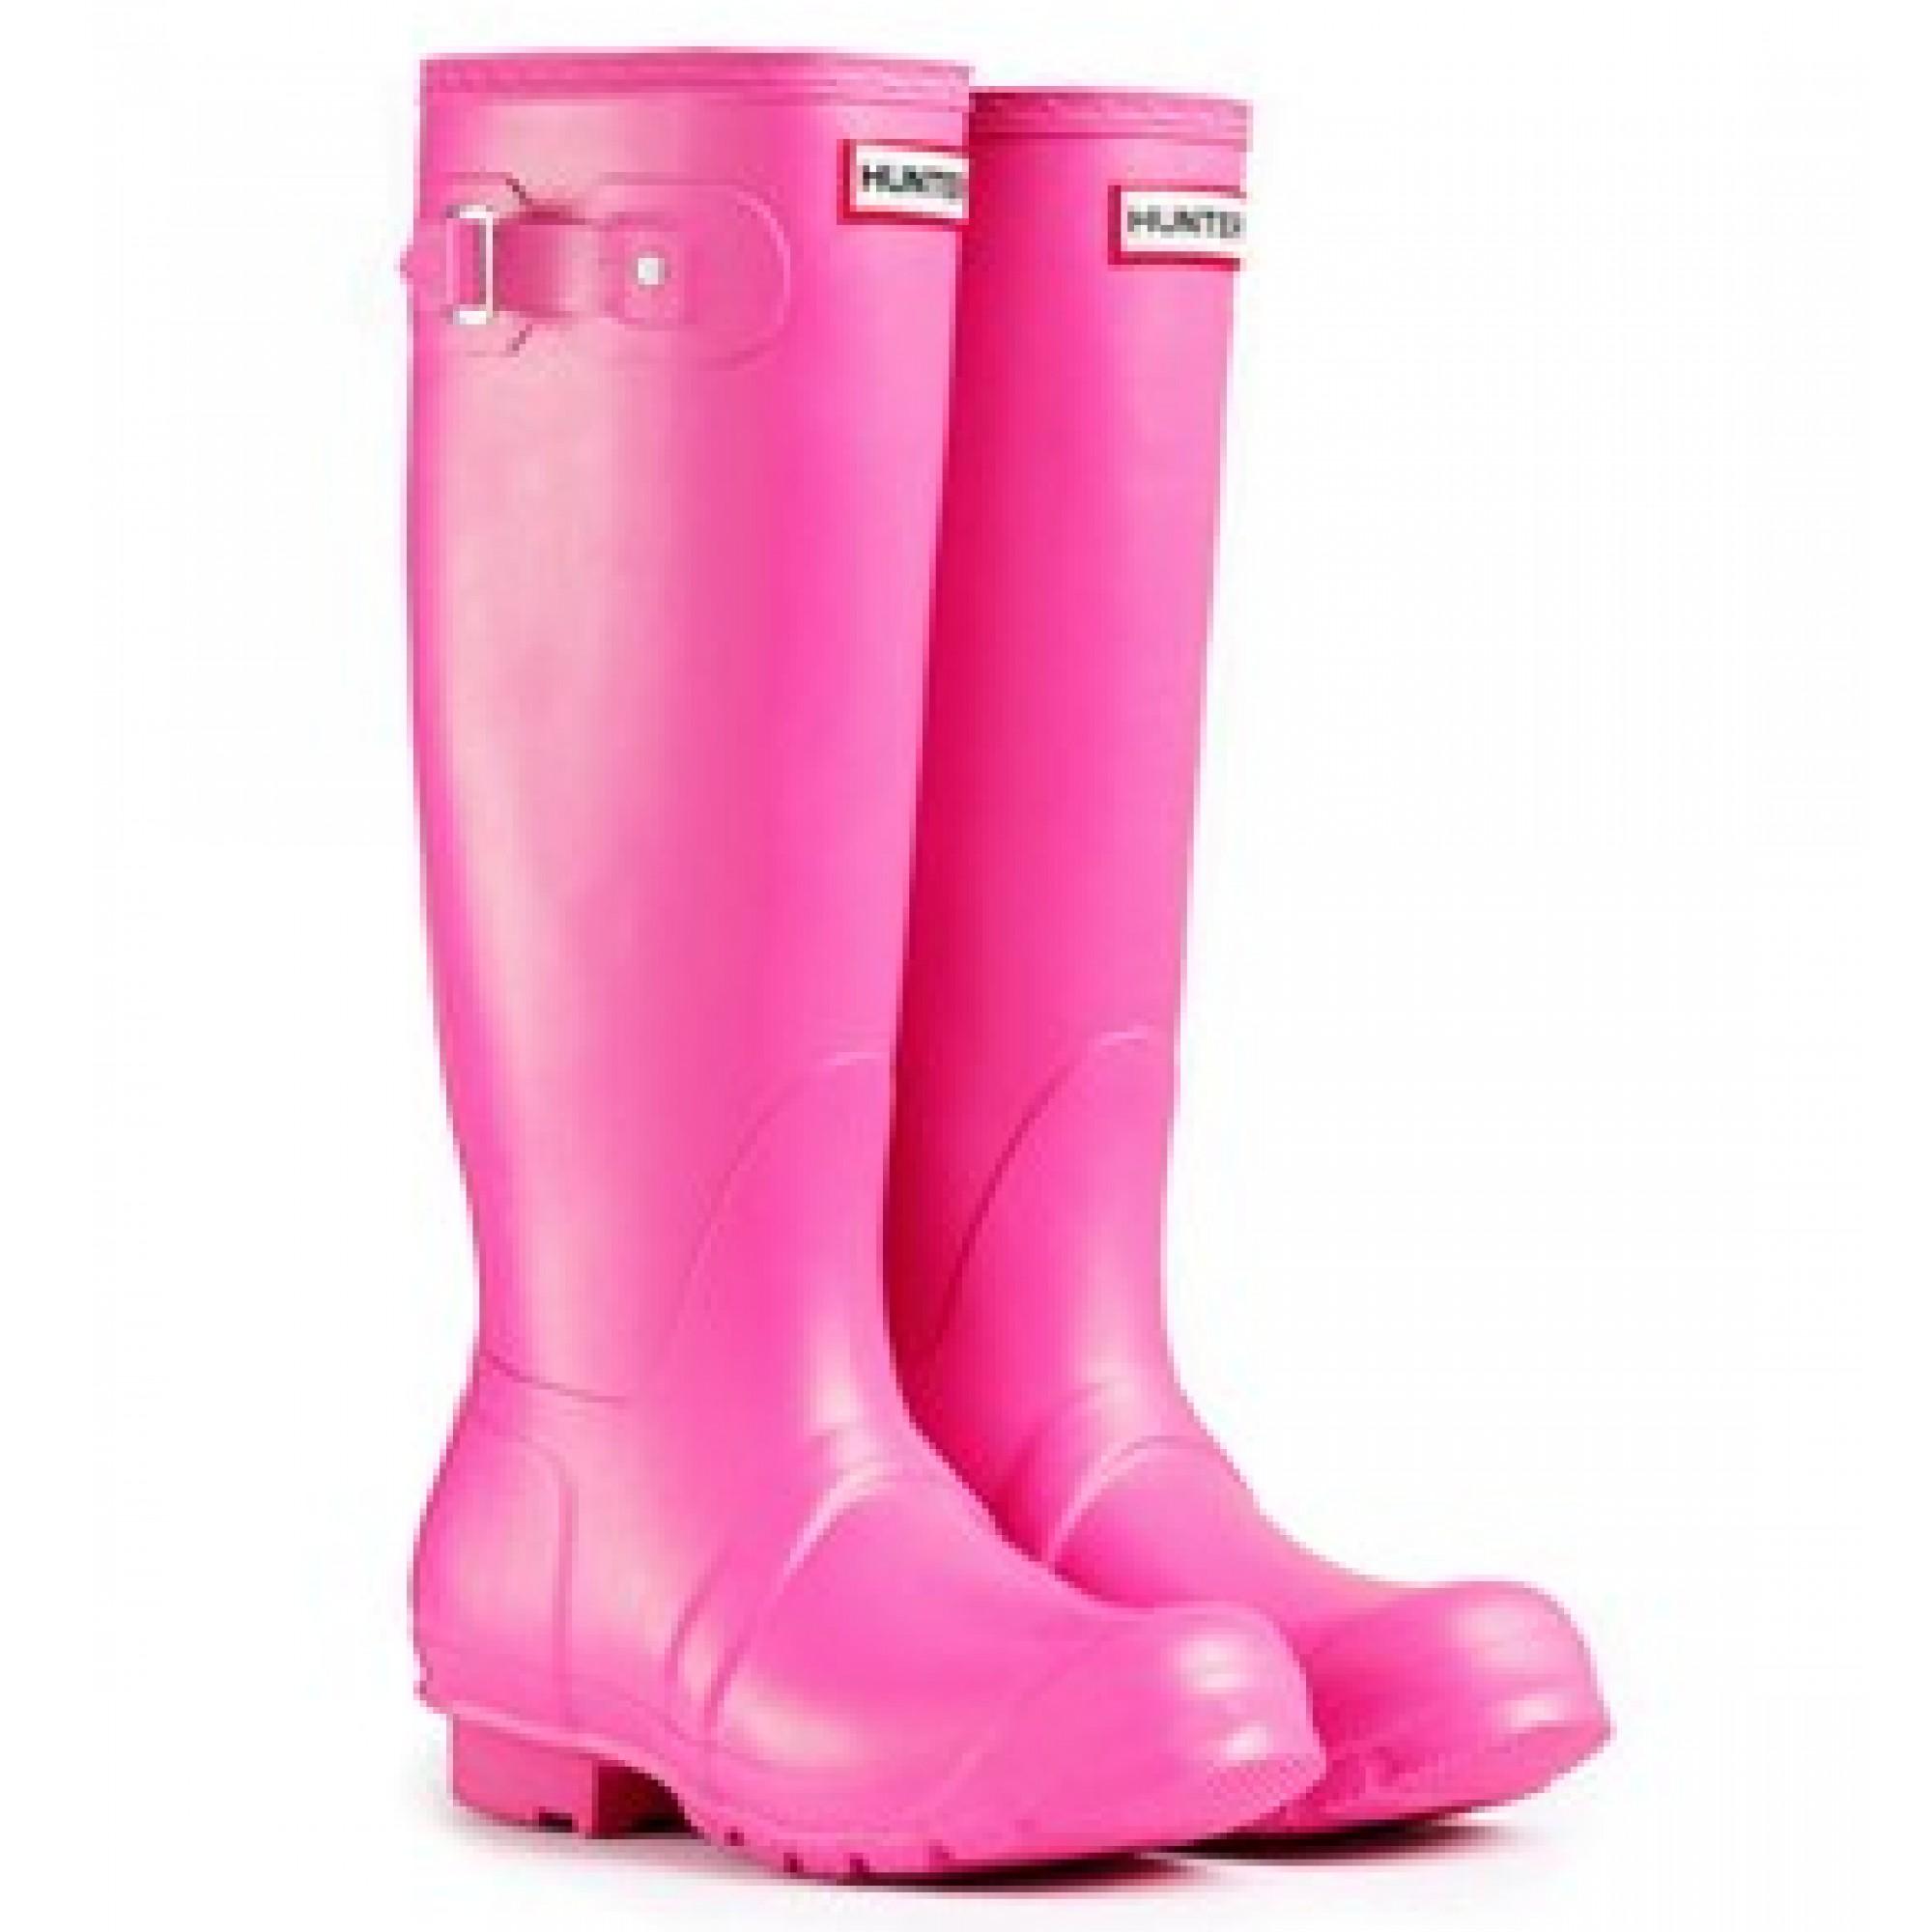 33f1cb52f Купить розовые резиновые сапоги Hunter — в Киеве, код товара 8253